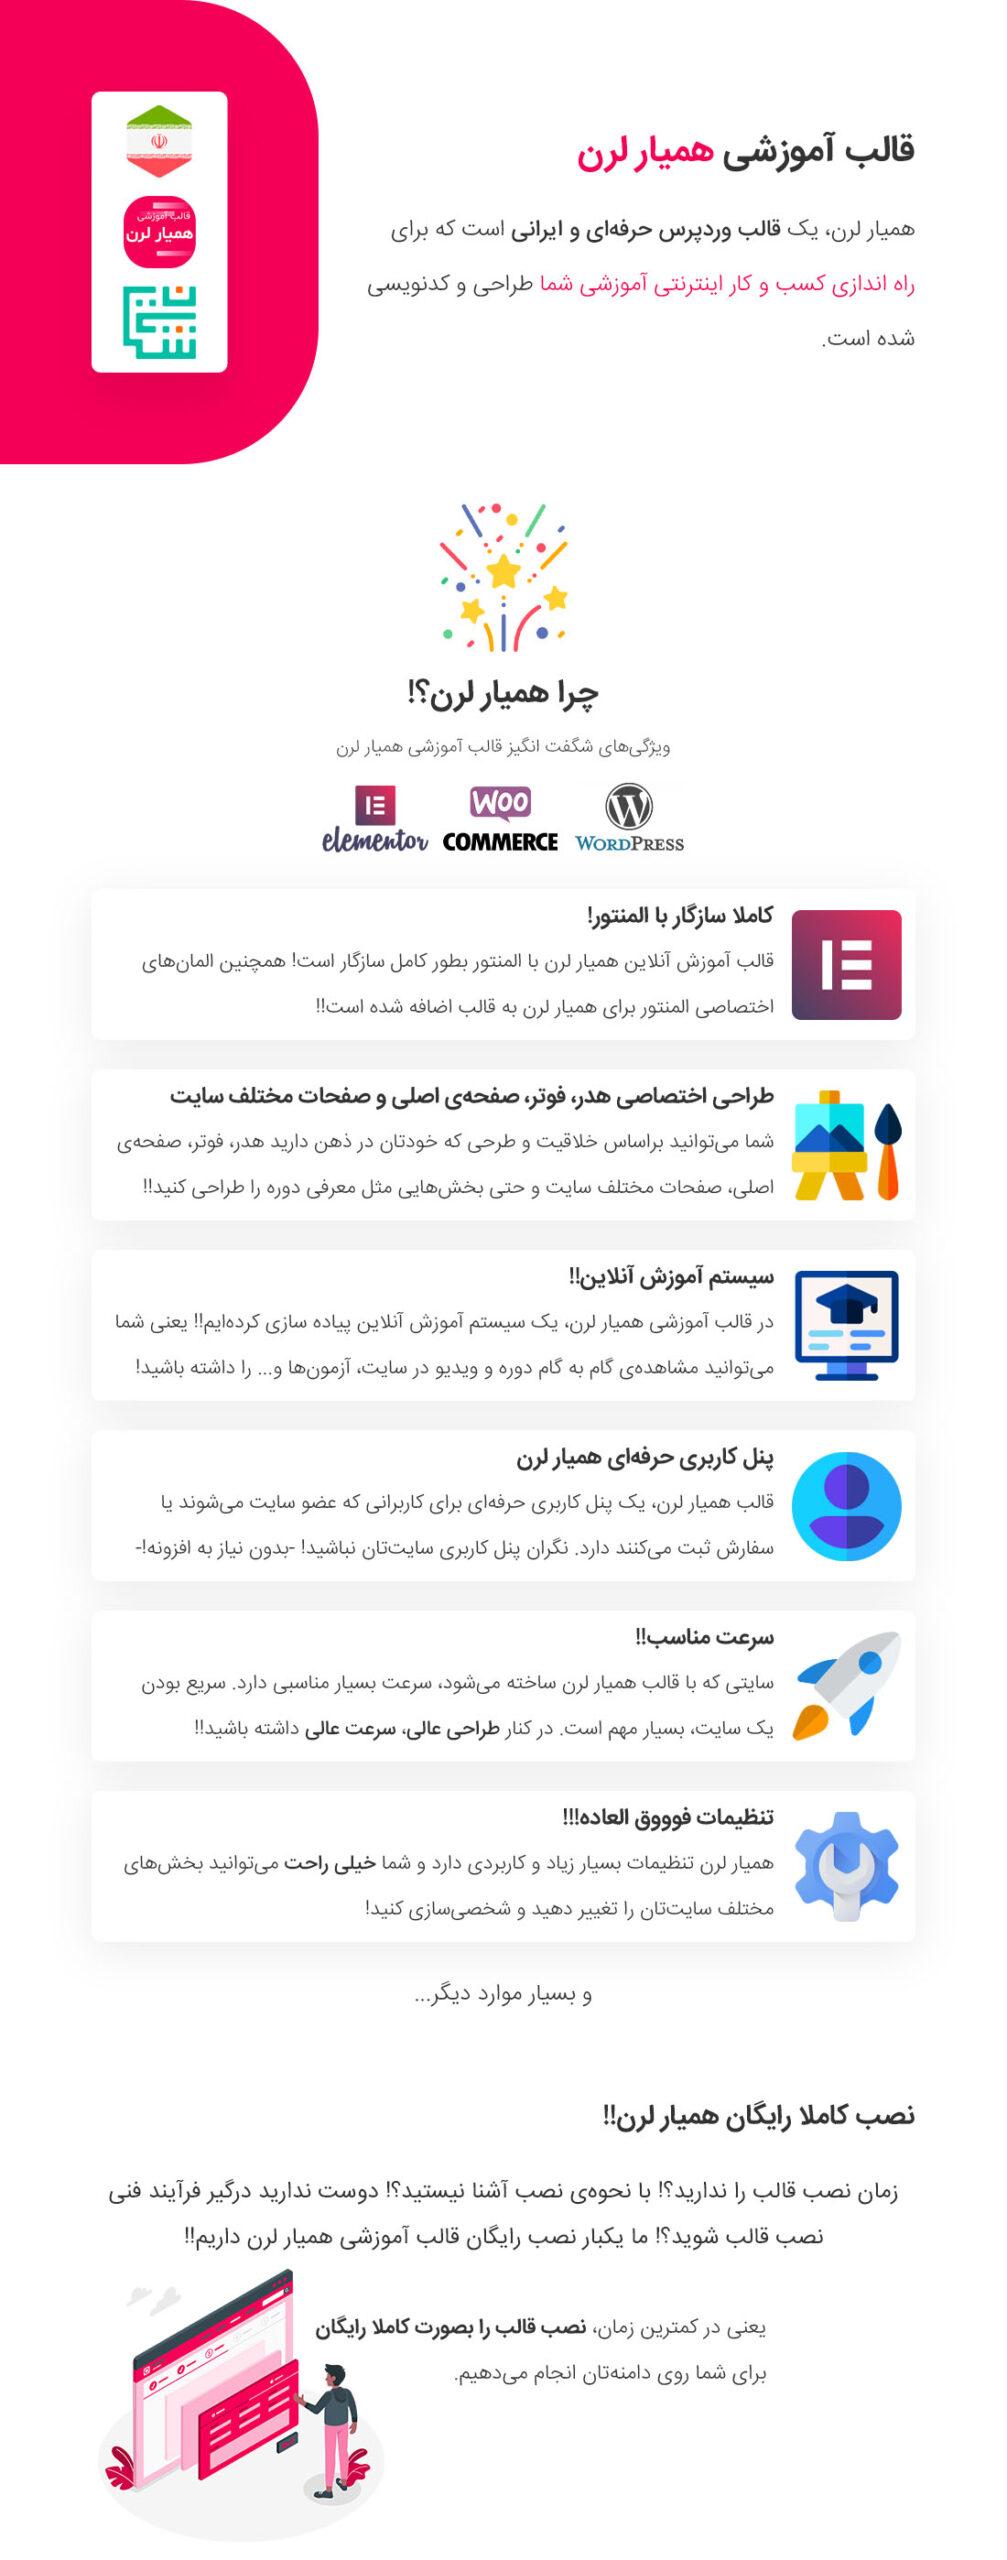 ویژگیهای قالب وردپرس آموزش آنلاین همیار لرم